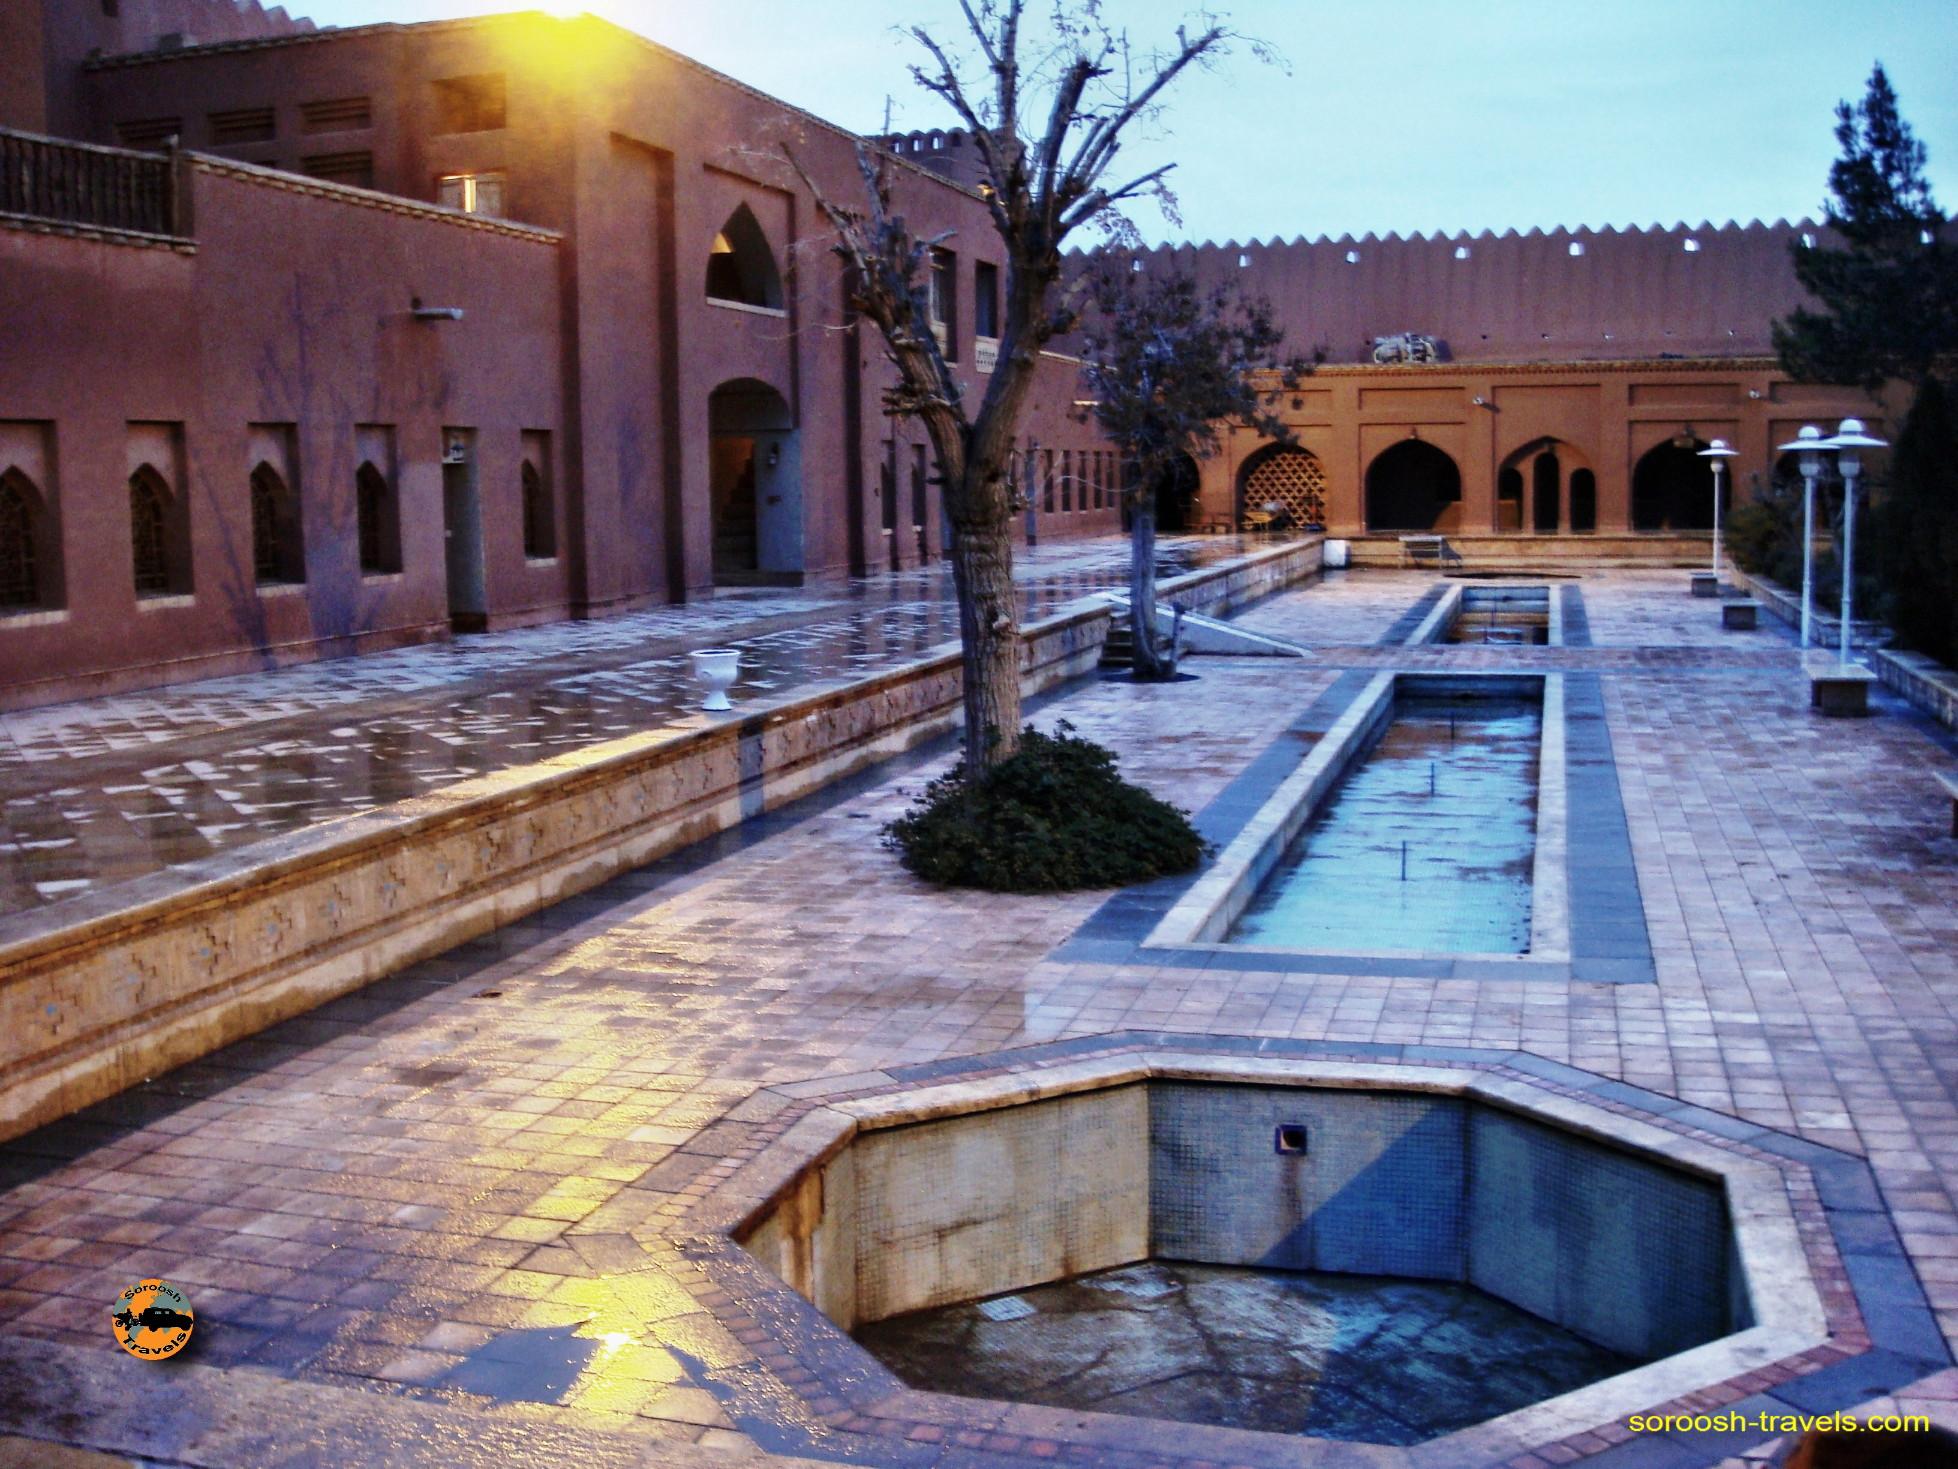 esfahan-koohrang-googad-maranjaab-tehran-winter-1388-19